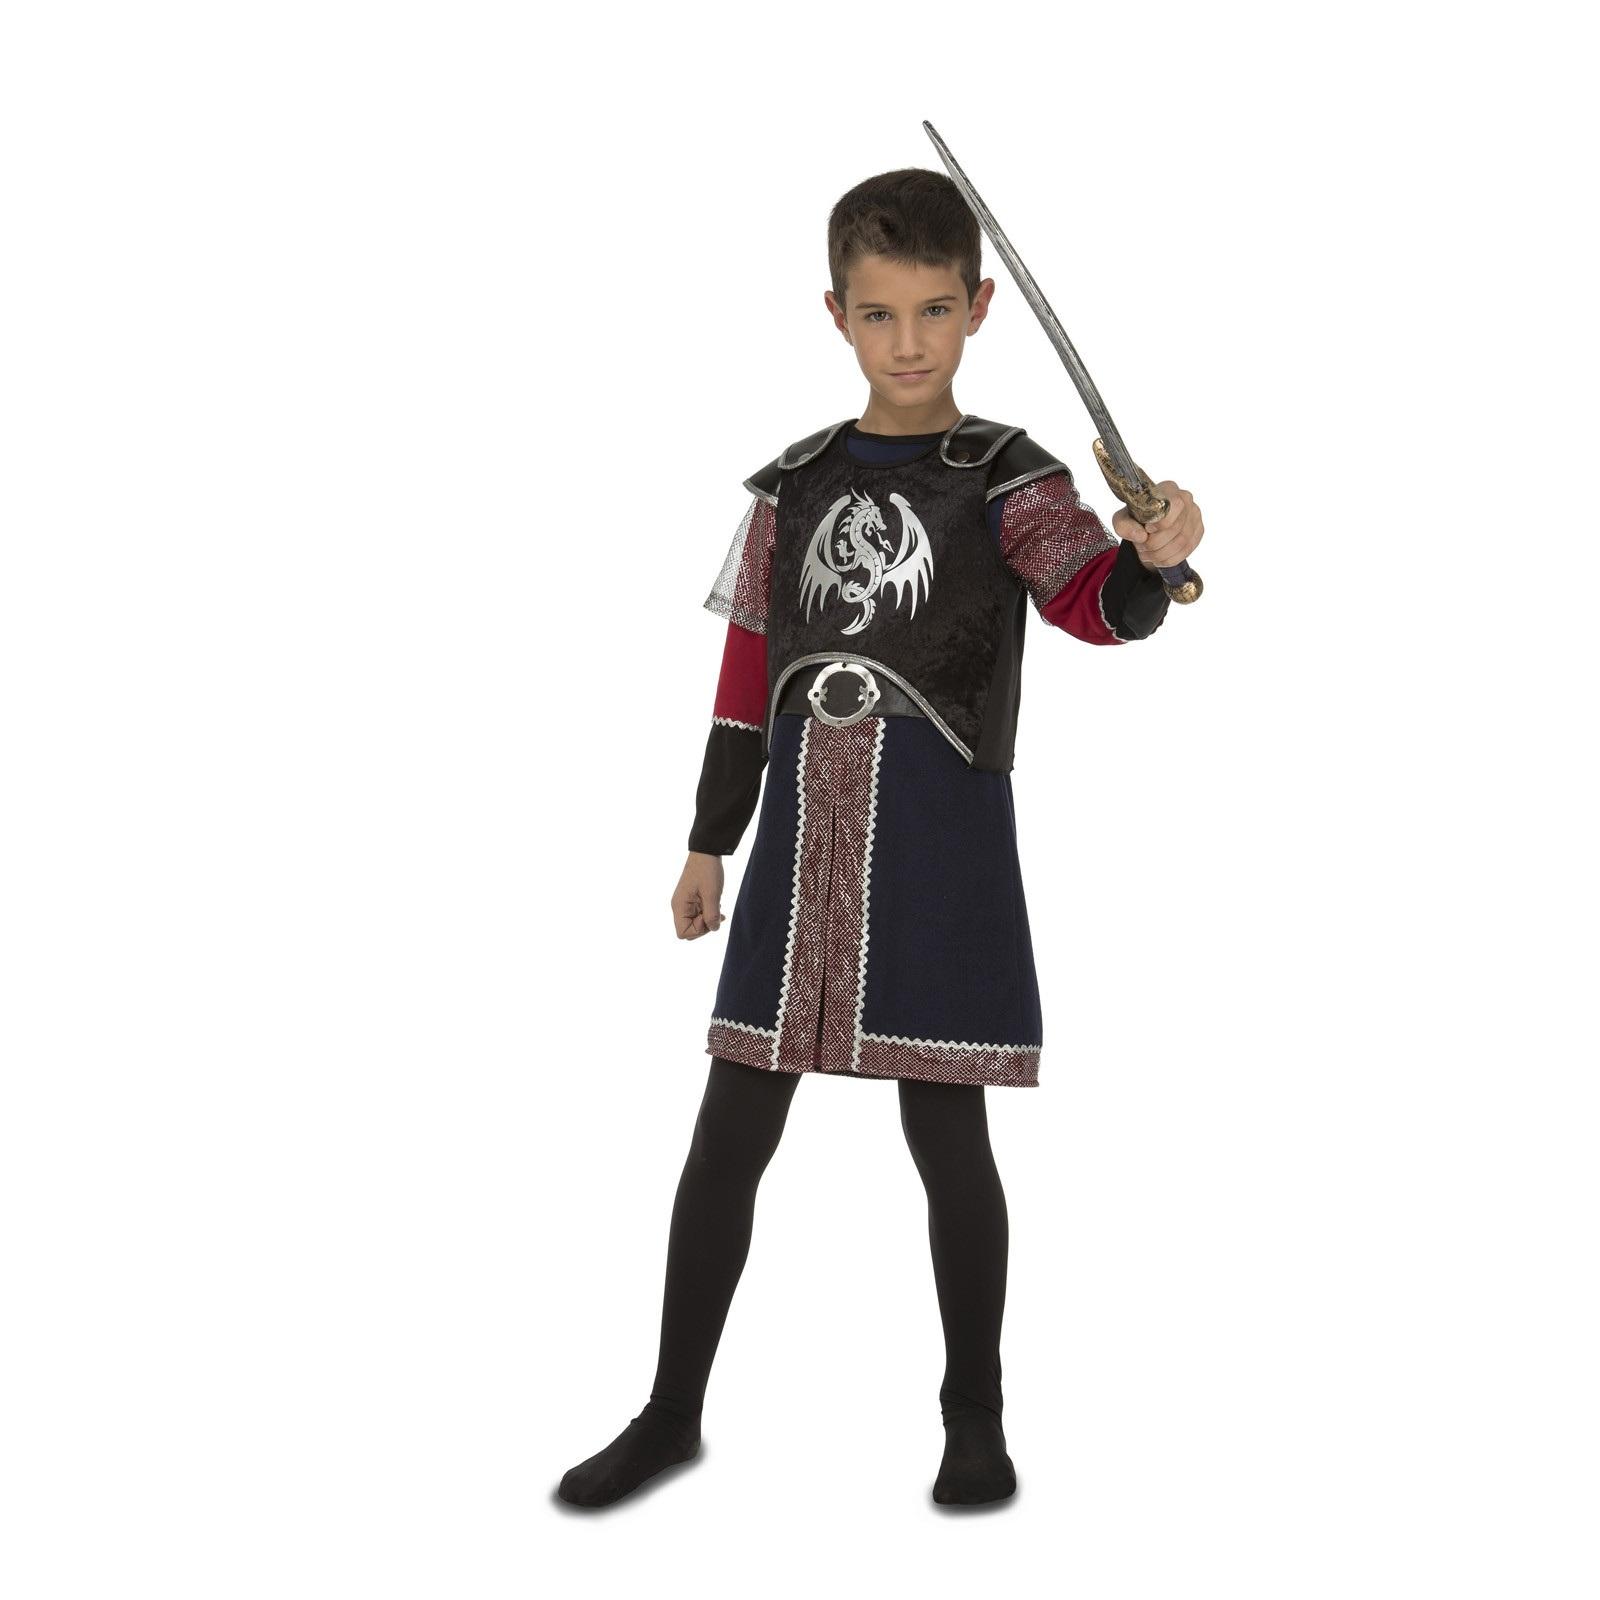 disfraz guerrero de dragones niño 204165mom - DISFRAZ DE GUERRERO DE DRAGONES NIÑO